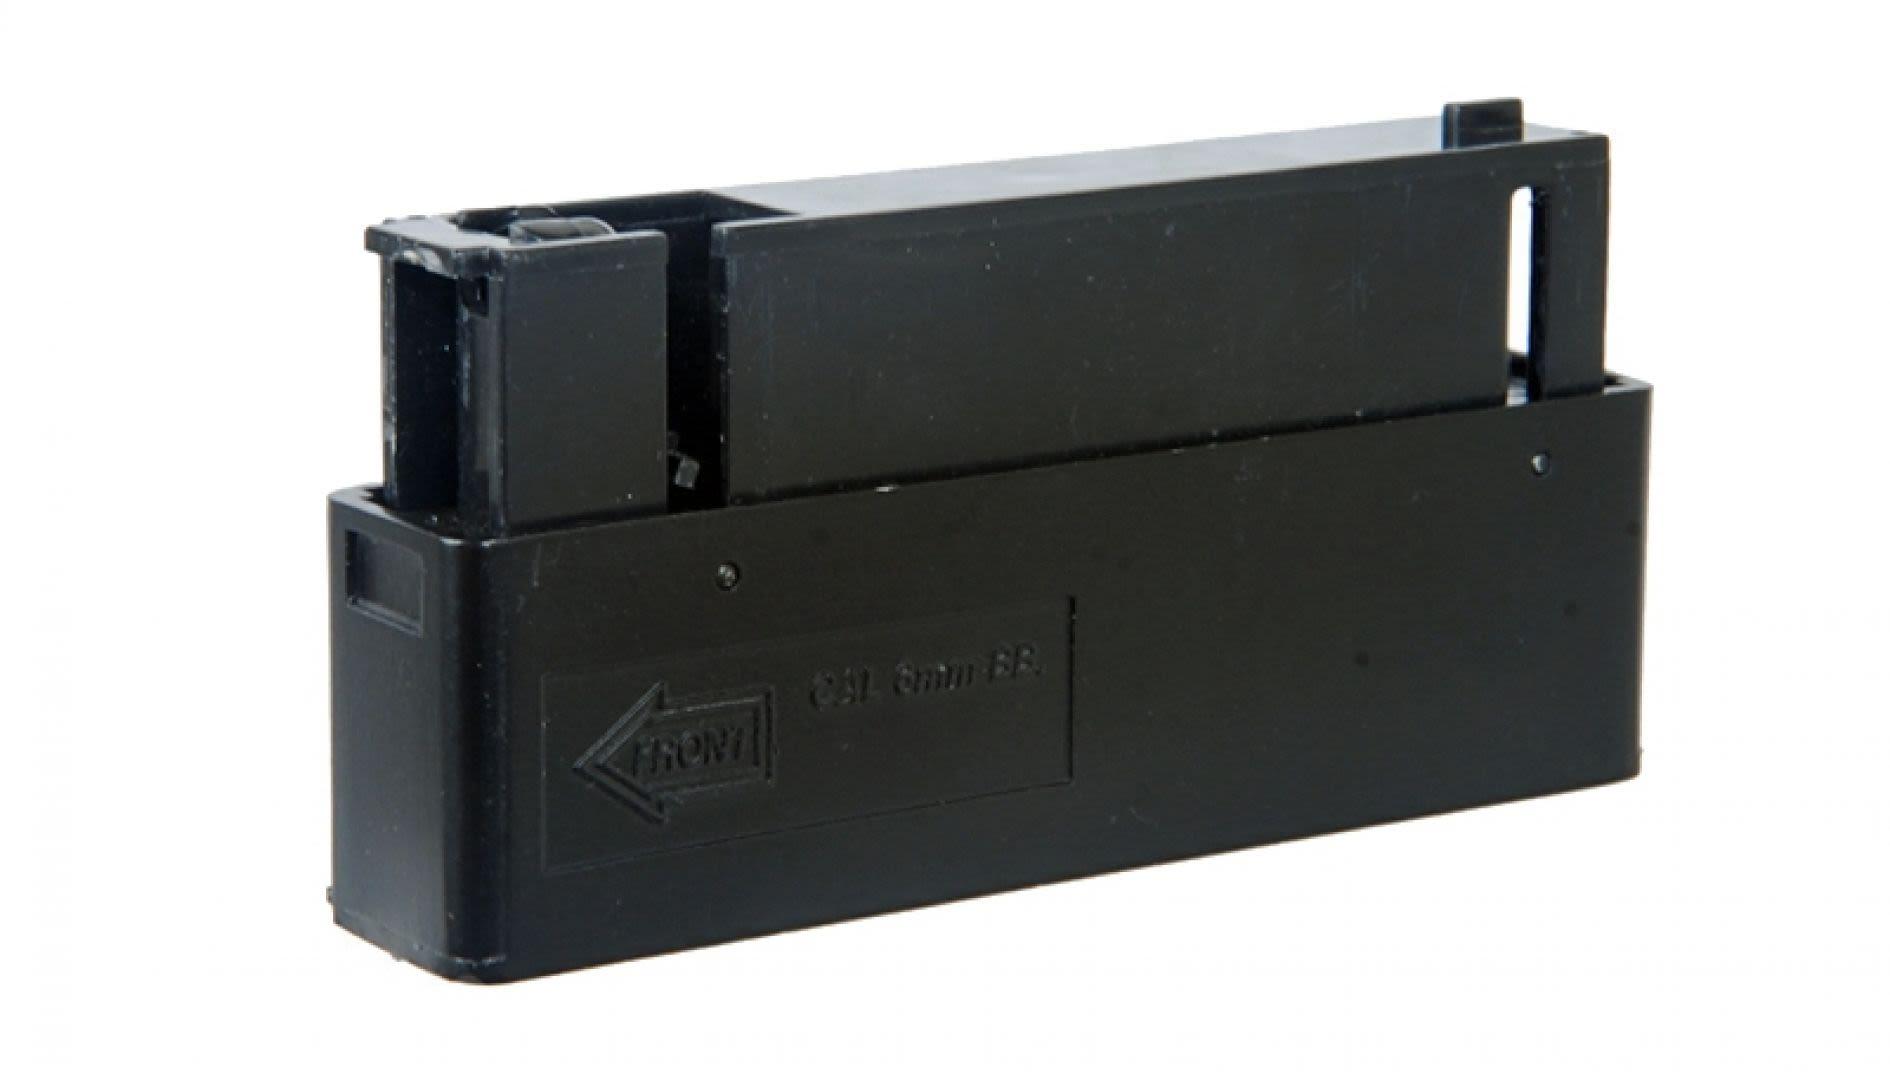 Caricatore per L96 bolt-action 25 bbs